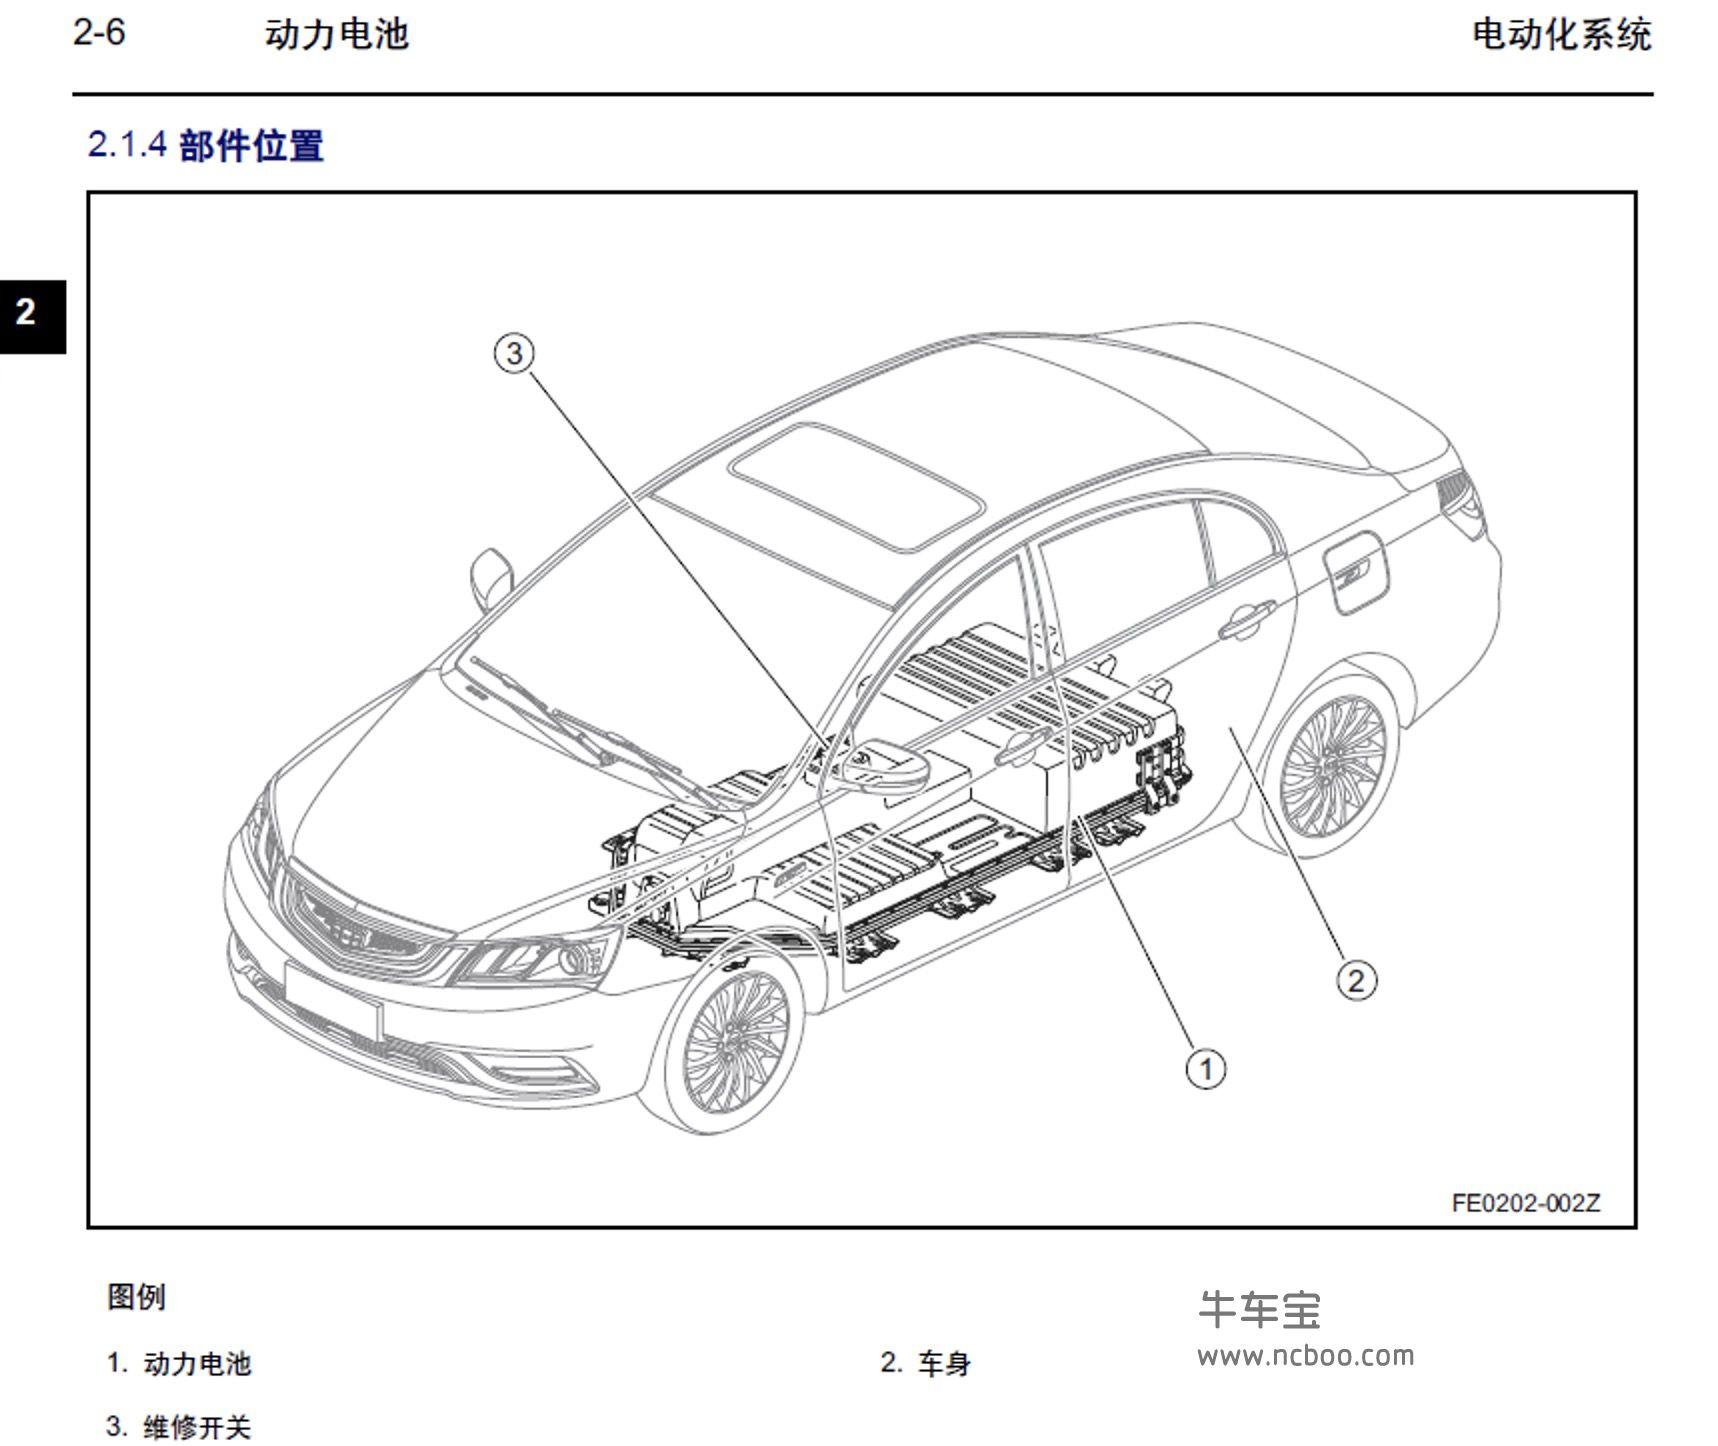 2017-2019款吉利帝豪EV300(新能源)原厂维修手册和电路图